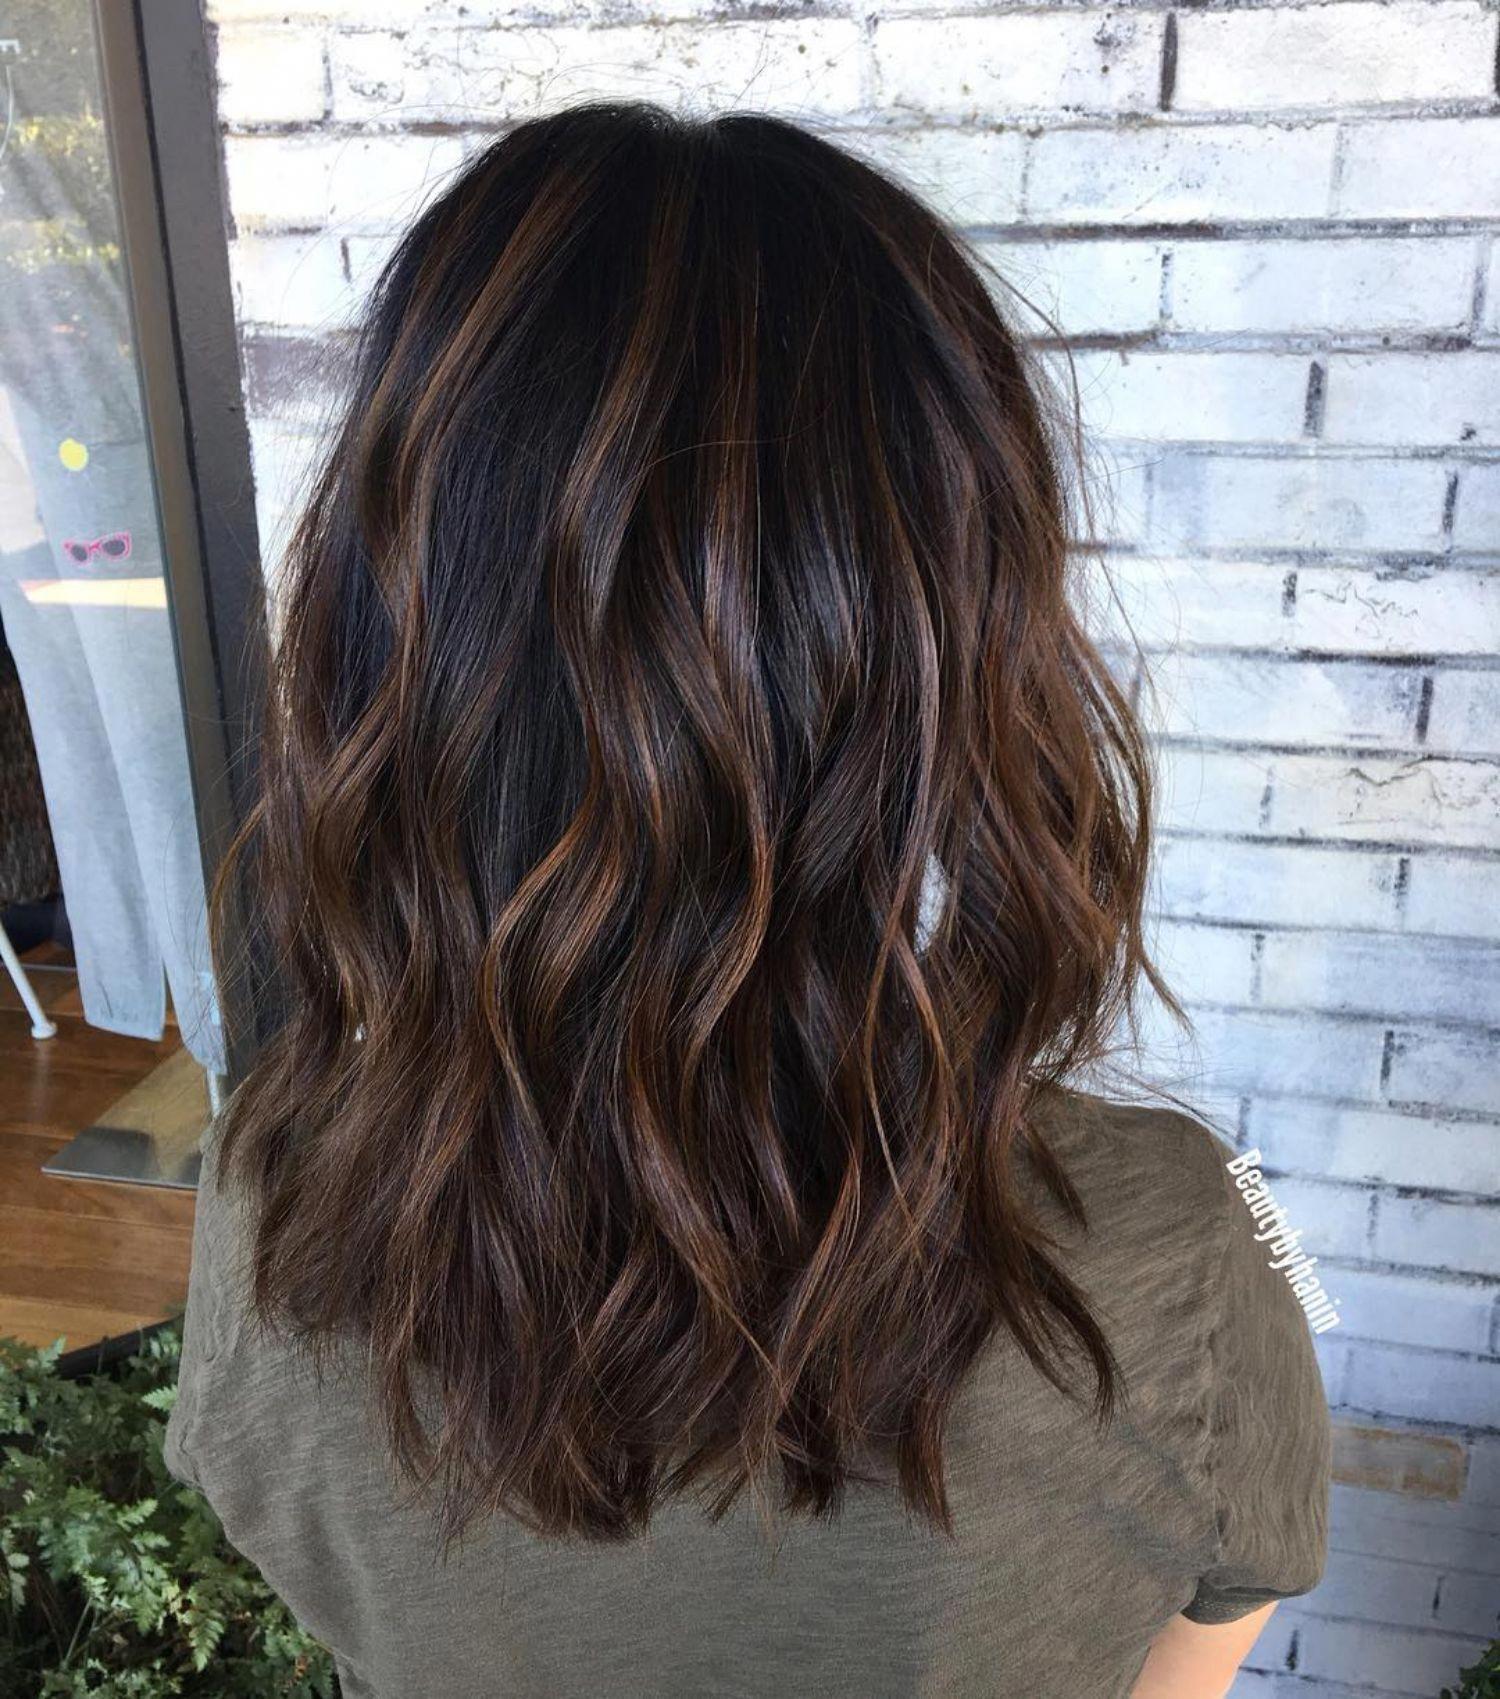 Photo of 60 ideas de color de cabello marrón chocolate para morenas